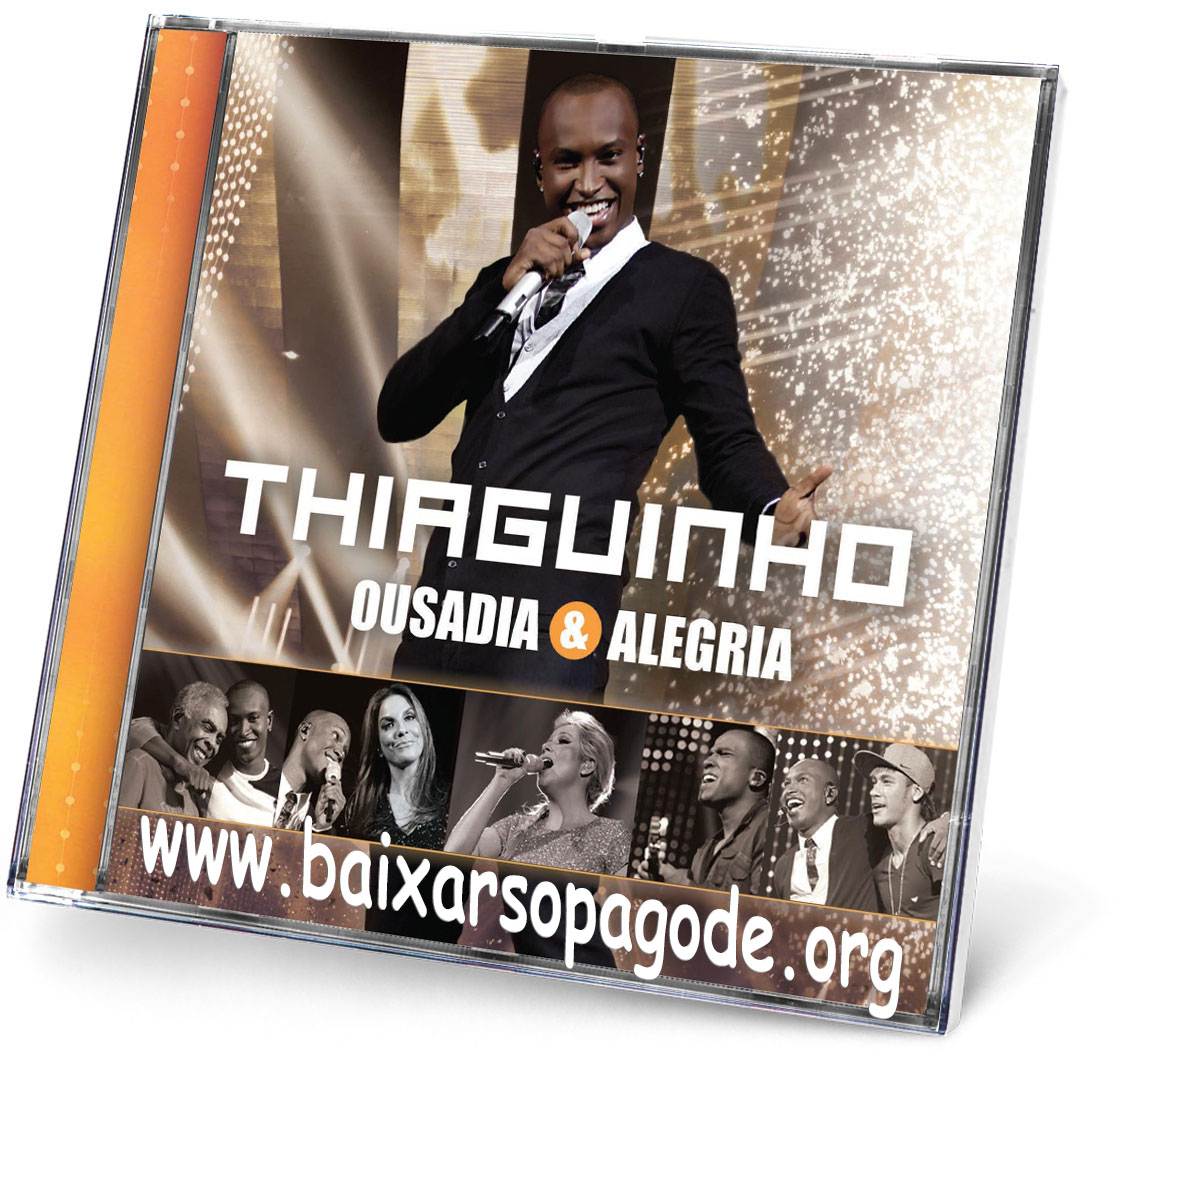 FELIZ THIAGUINHO BAIXAR MUSICA ETERNAMENTE